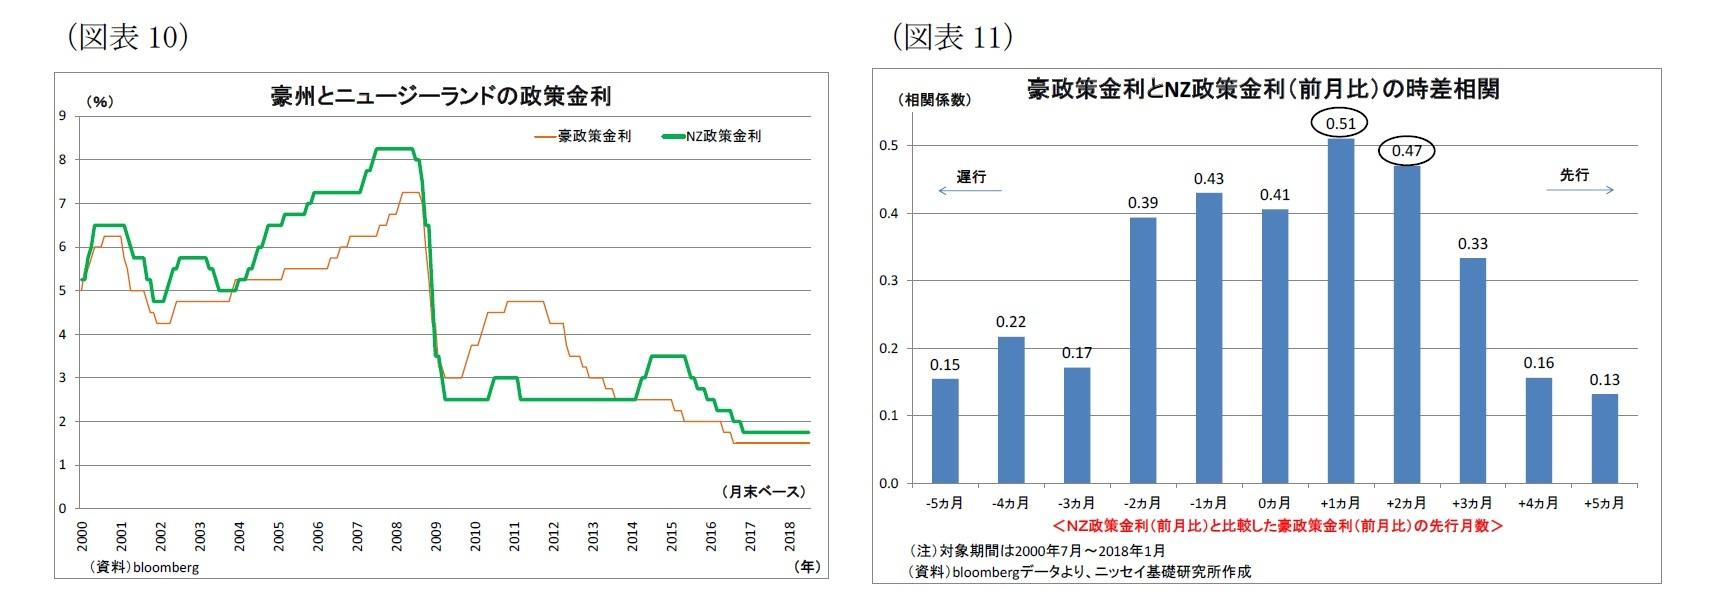 (図表10)豪州とニュージーランドの政策金利/(図表11)豪政策金利とNZ政策金利(前月比)の時差相関